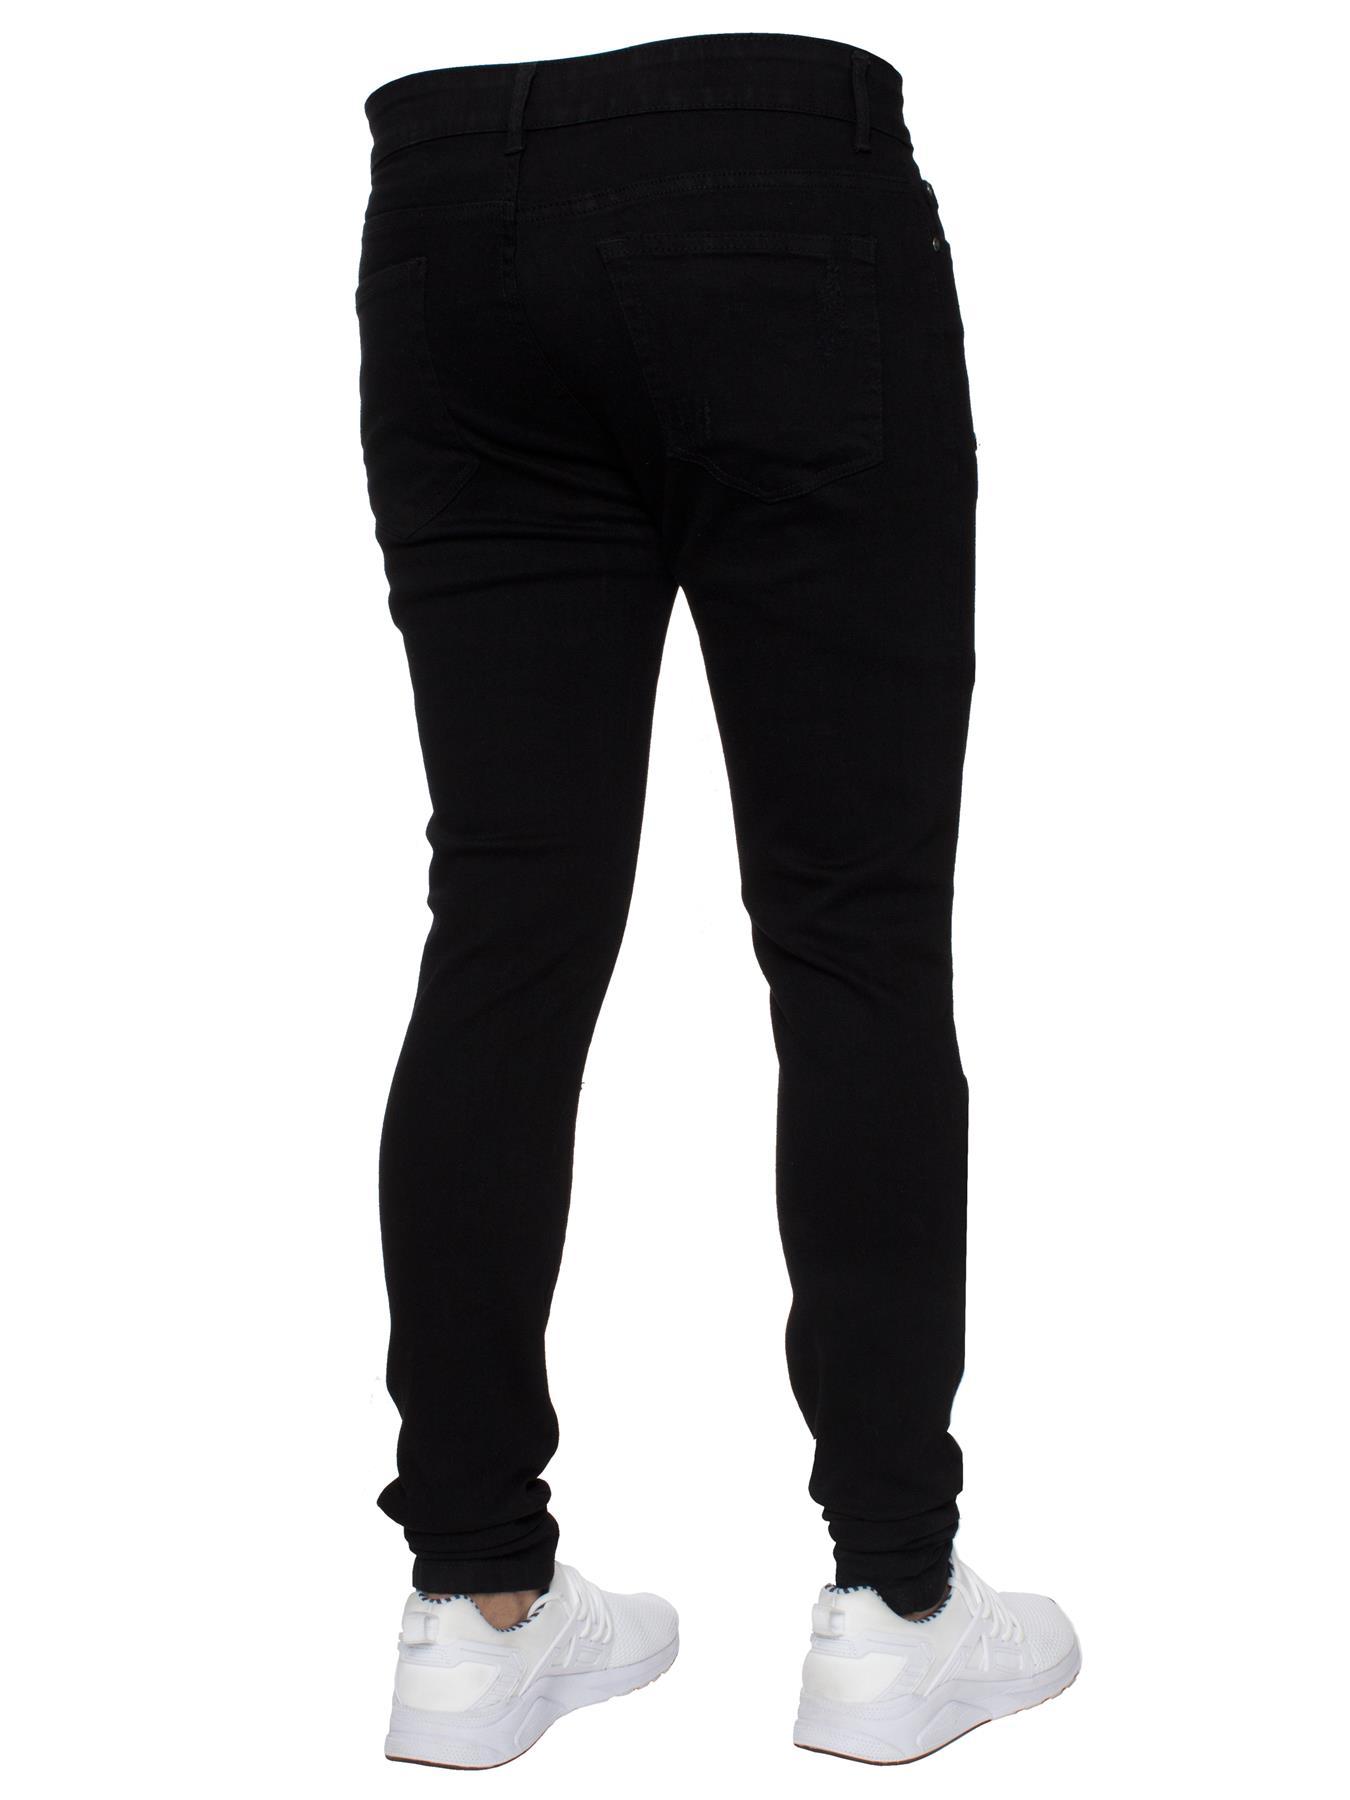 Para-hombre-Super-Skinny-Ripped-Jeans-Pantalones-Ajustados-desgastados-Denim-Envejecido-Todas miniatura 16